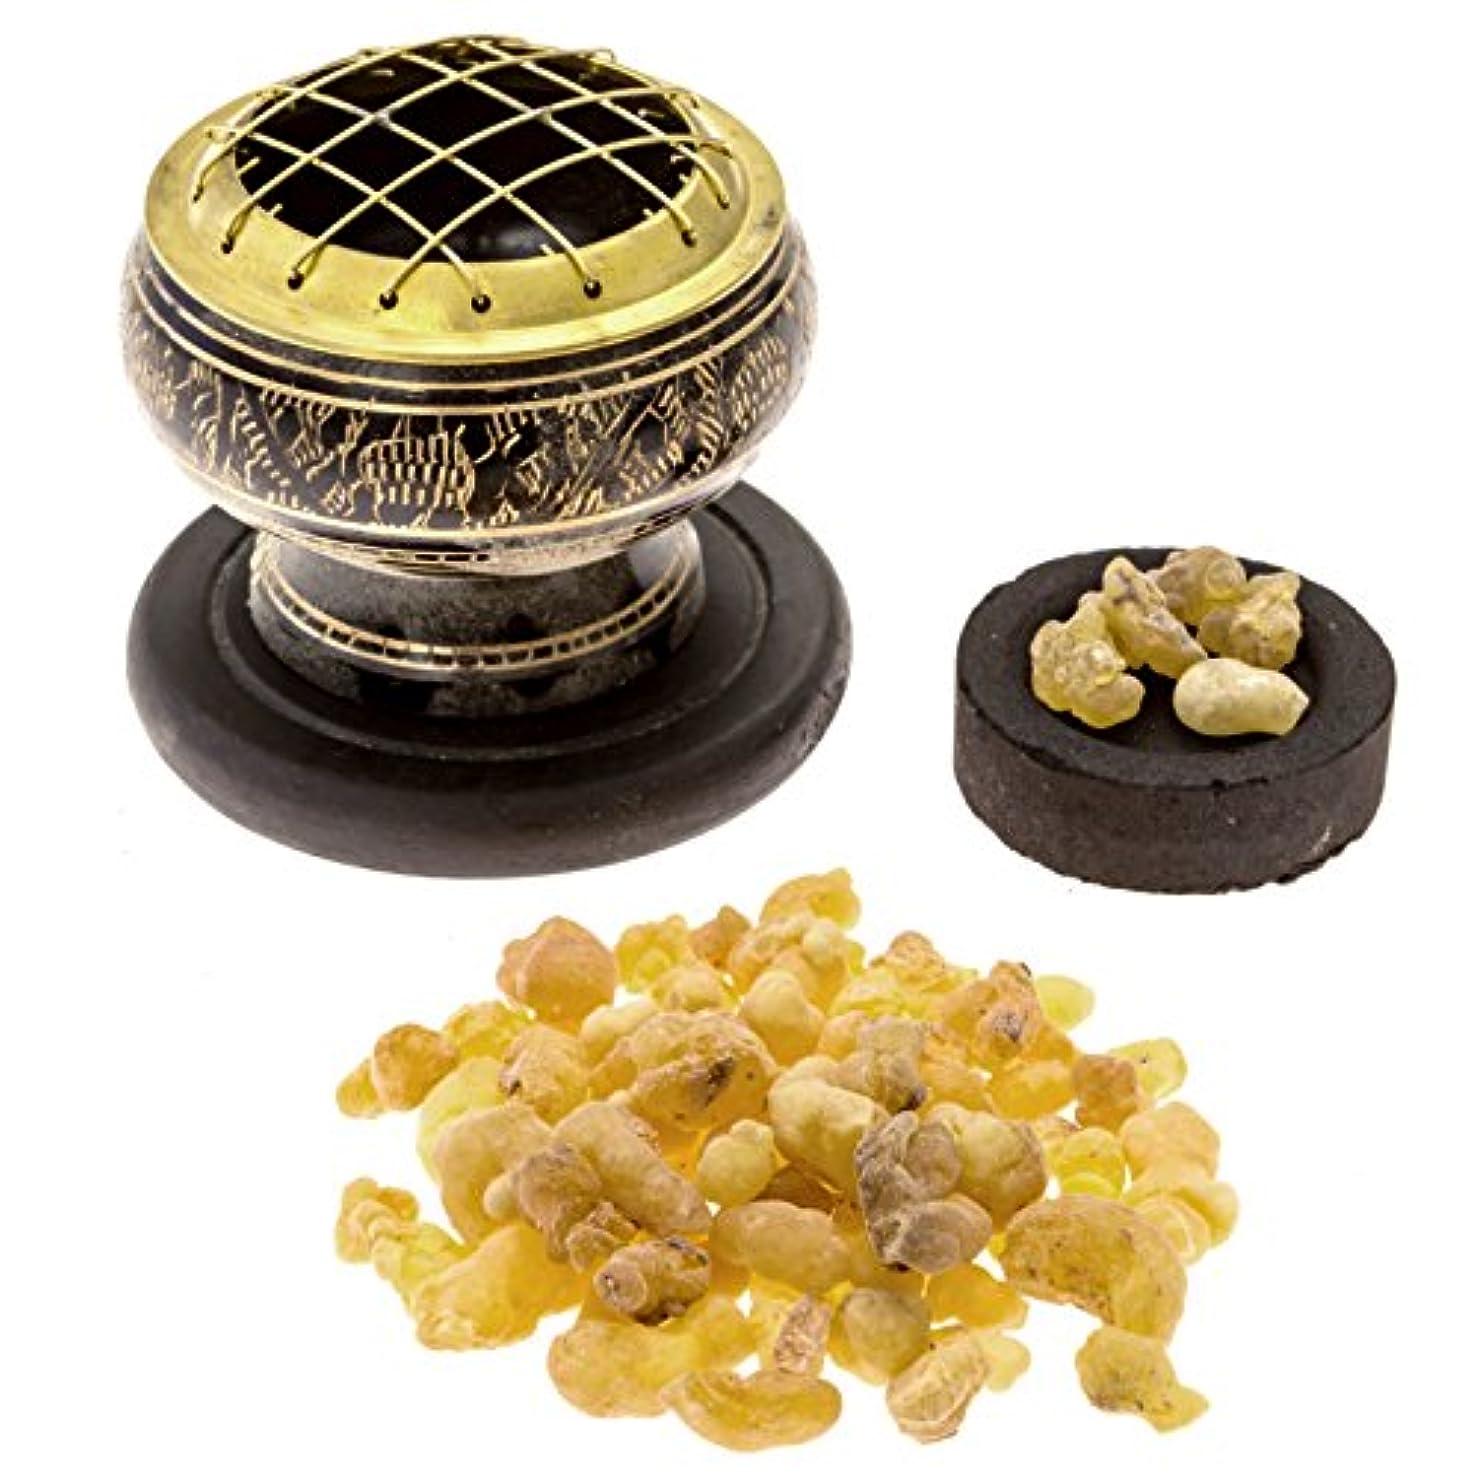 つづり写真撮影先住民プレミアムFrankincense Burningキット( withチベット香炉または真鍮画面Burner ) (真鍮Burner )